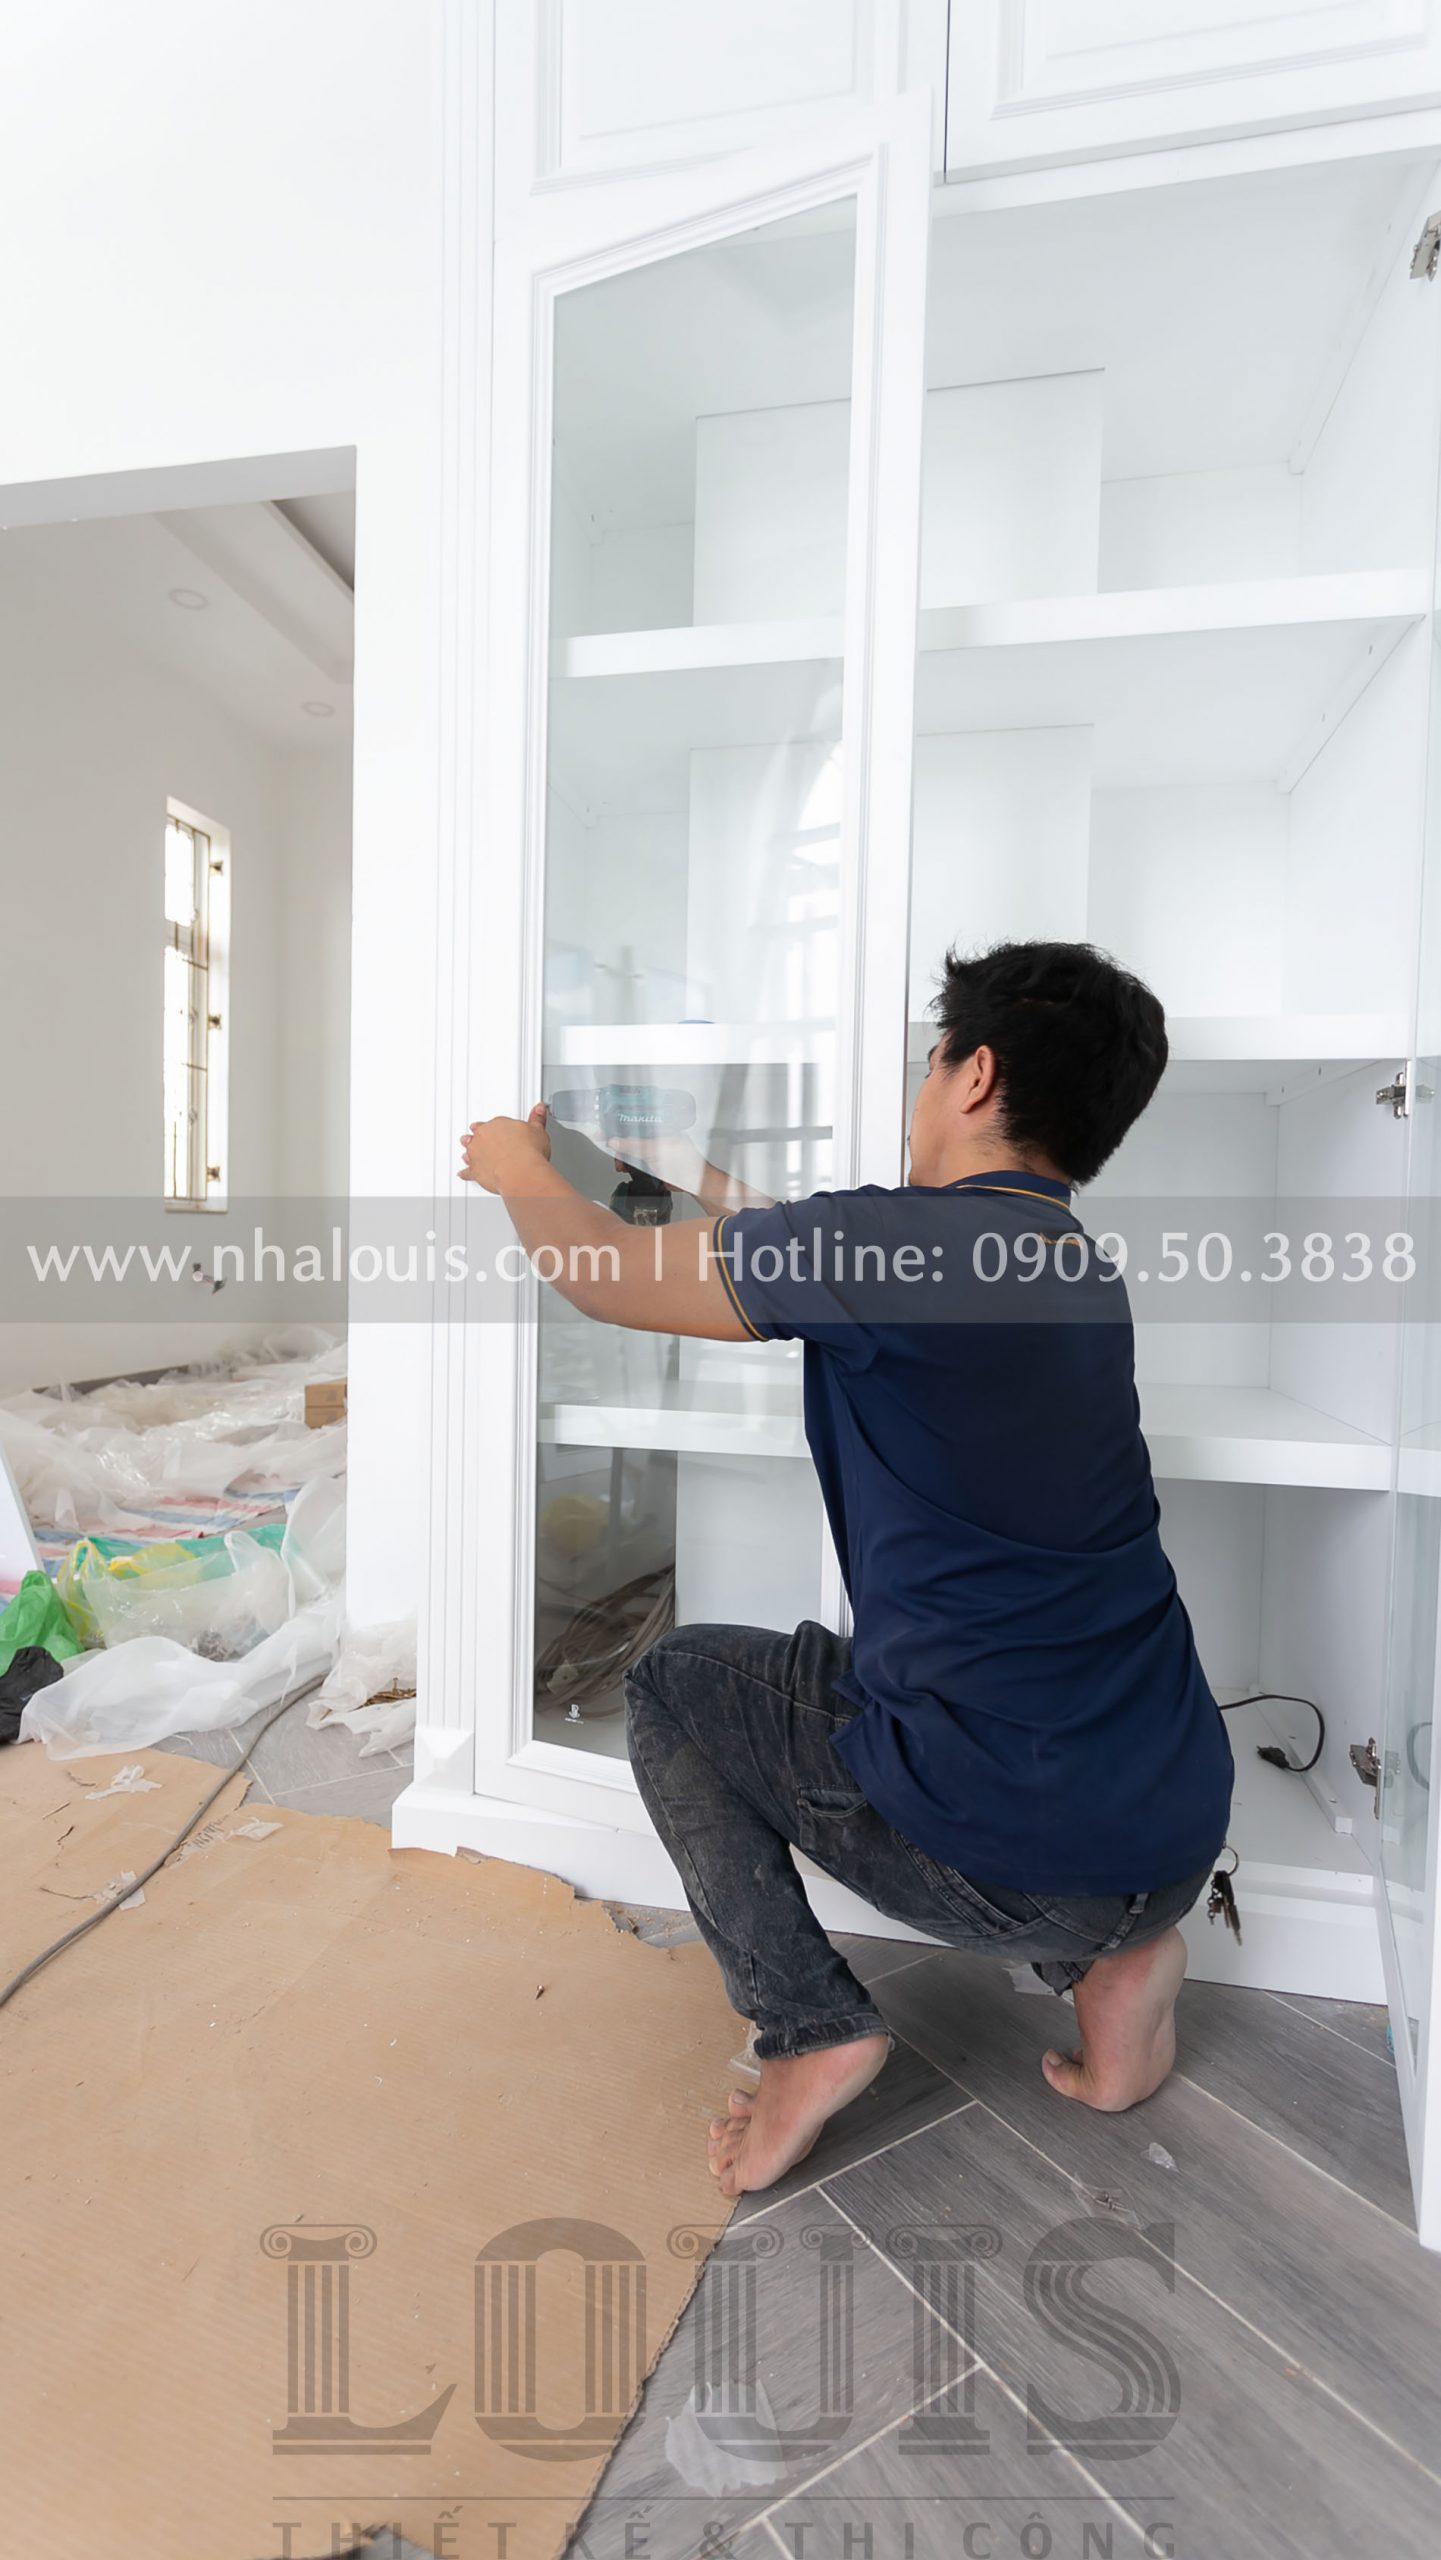 Lắp đặt tủ quần áo cho các phòng ngủ biệt thự Củ Chi